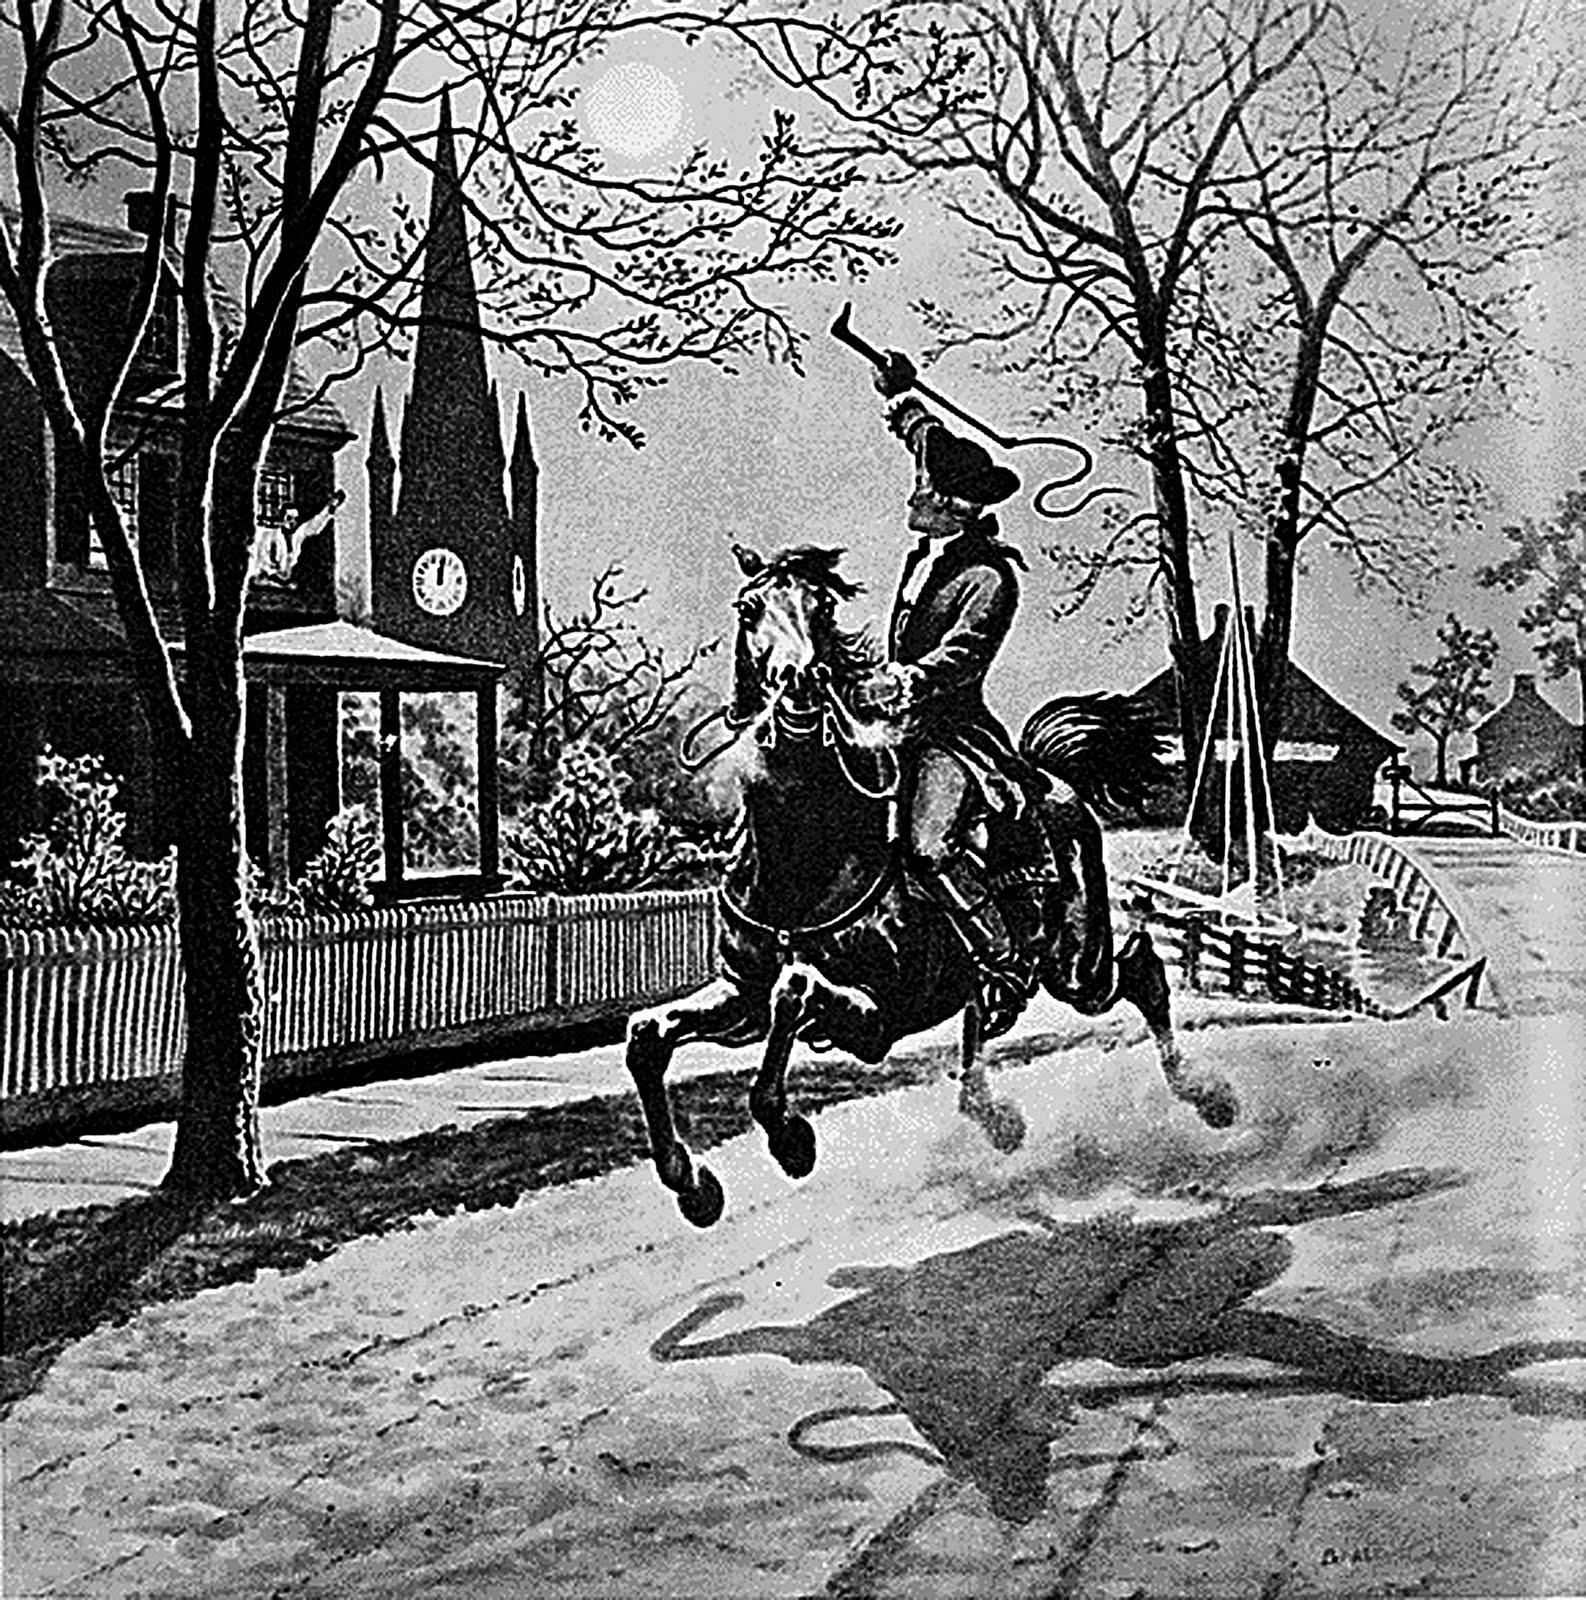 Paul Revere's Ride Public Domain Clip Art Photos and Images.